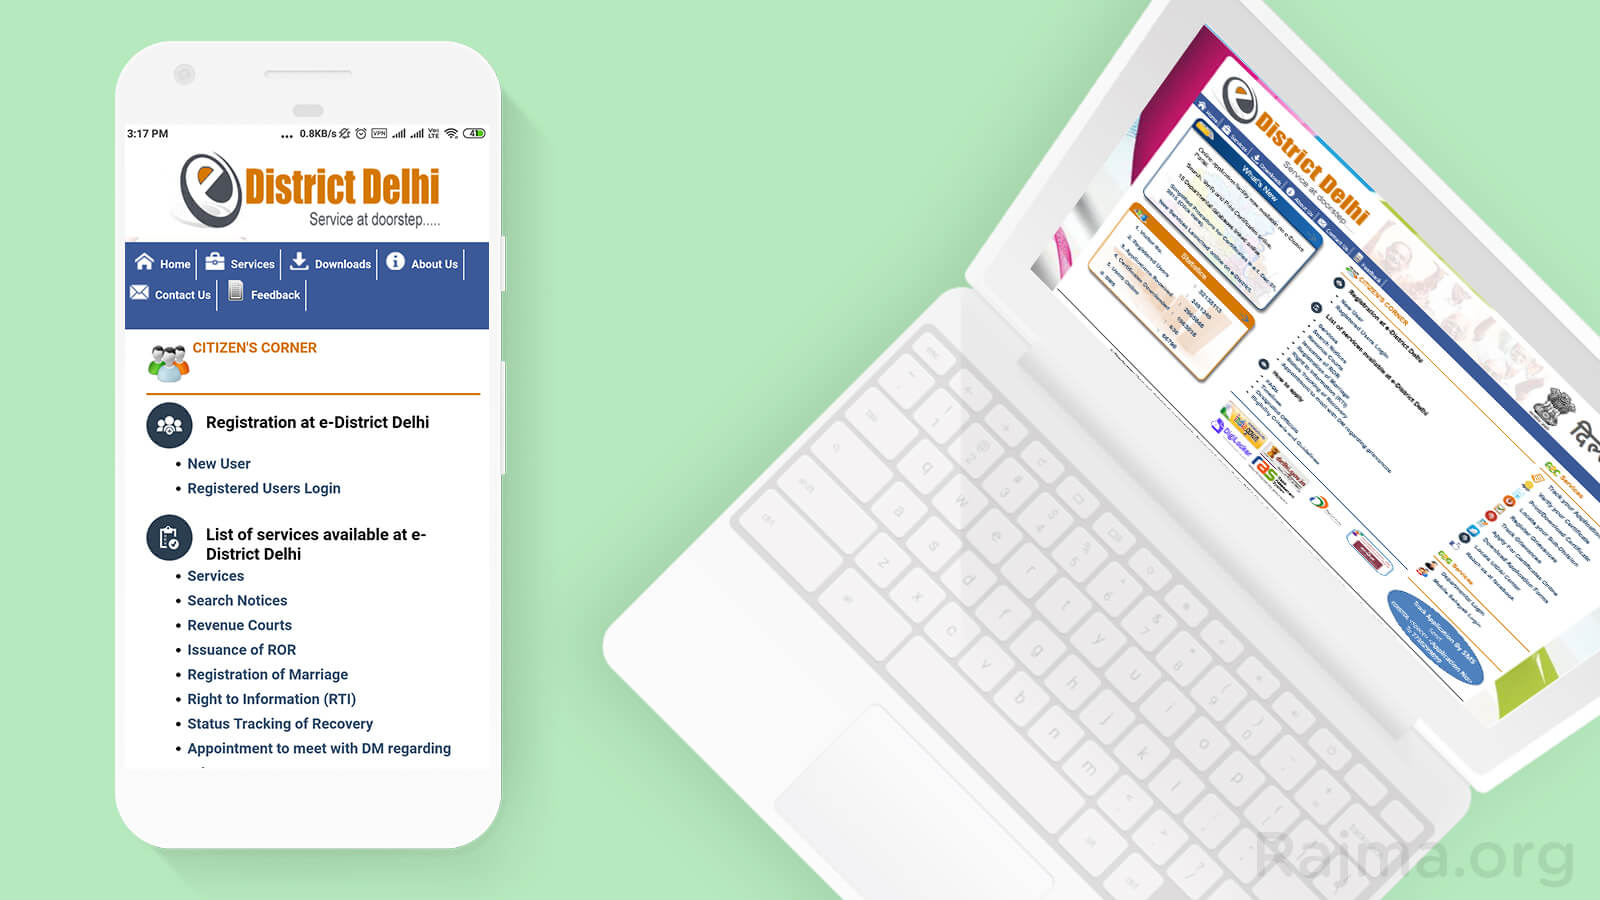 eDistrict, eDistrict ration card, eDistrict civil defence, eDistrict delhi ration card apply online, eDistrict portal, e-district citizen registration, eDistrict status check, eDistrict Delhi helpline no,